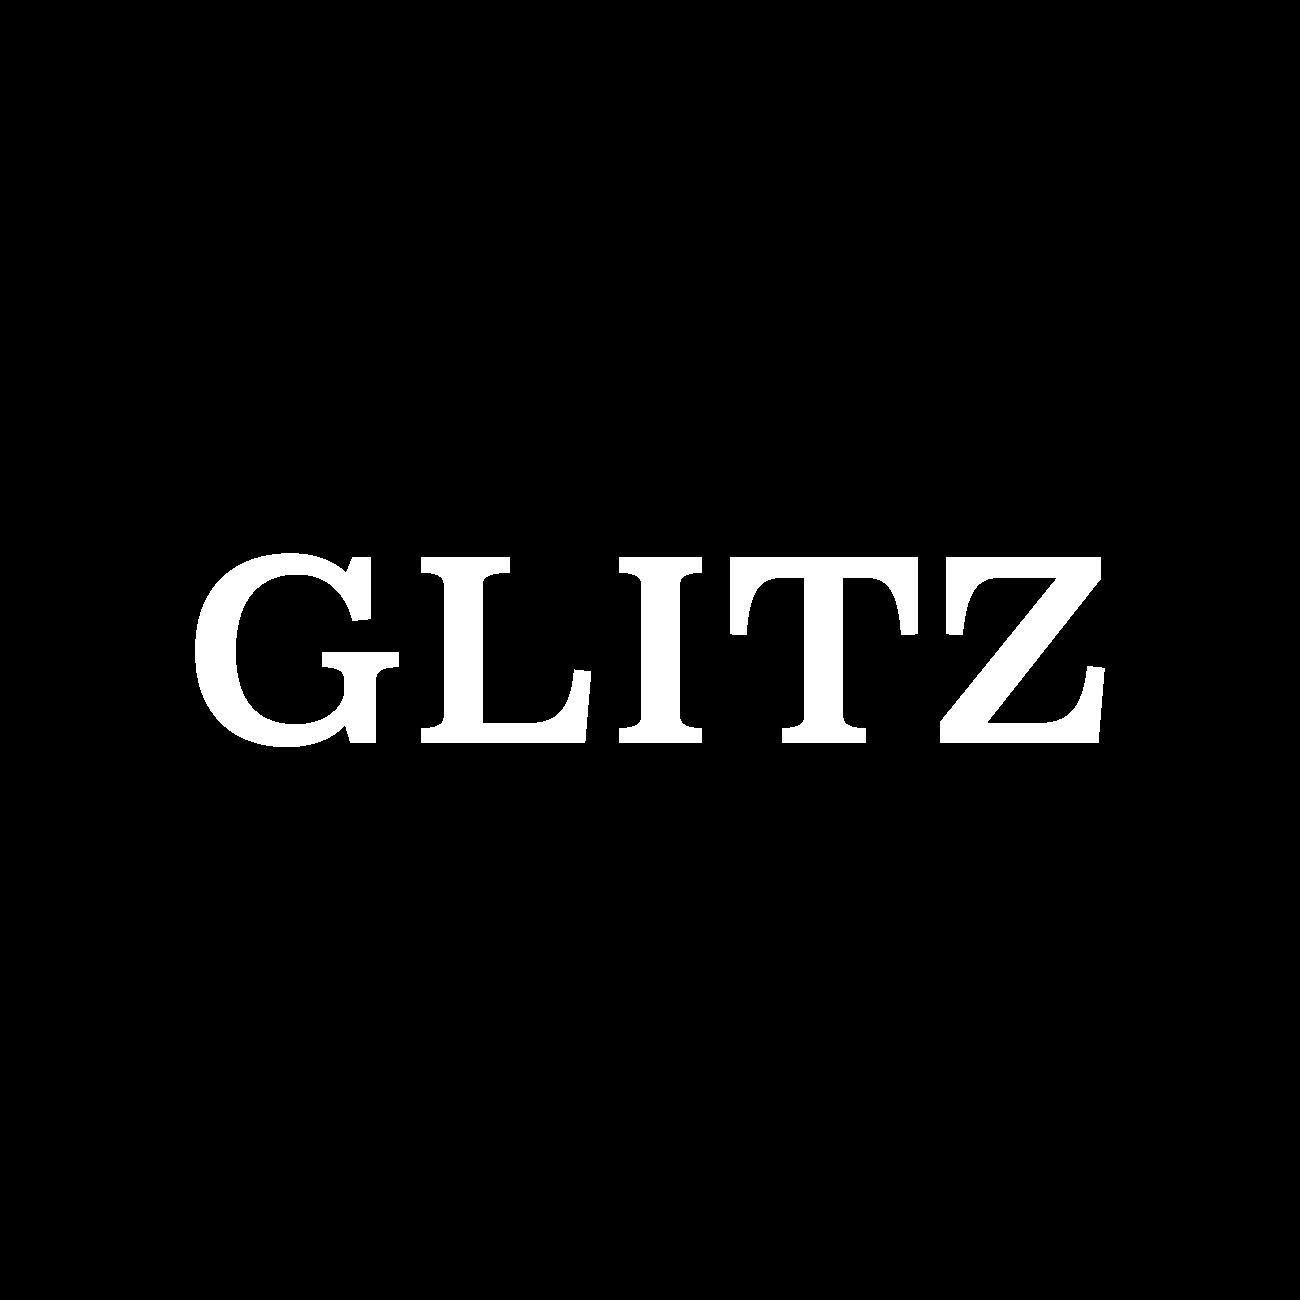 Glitz Catagory